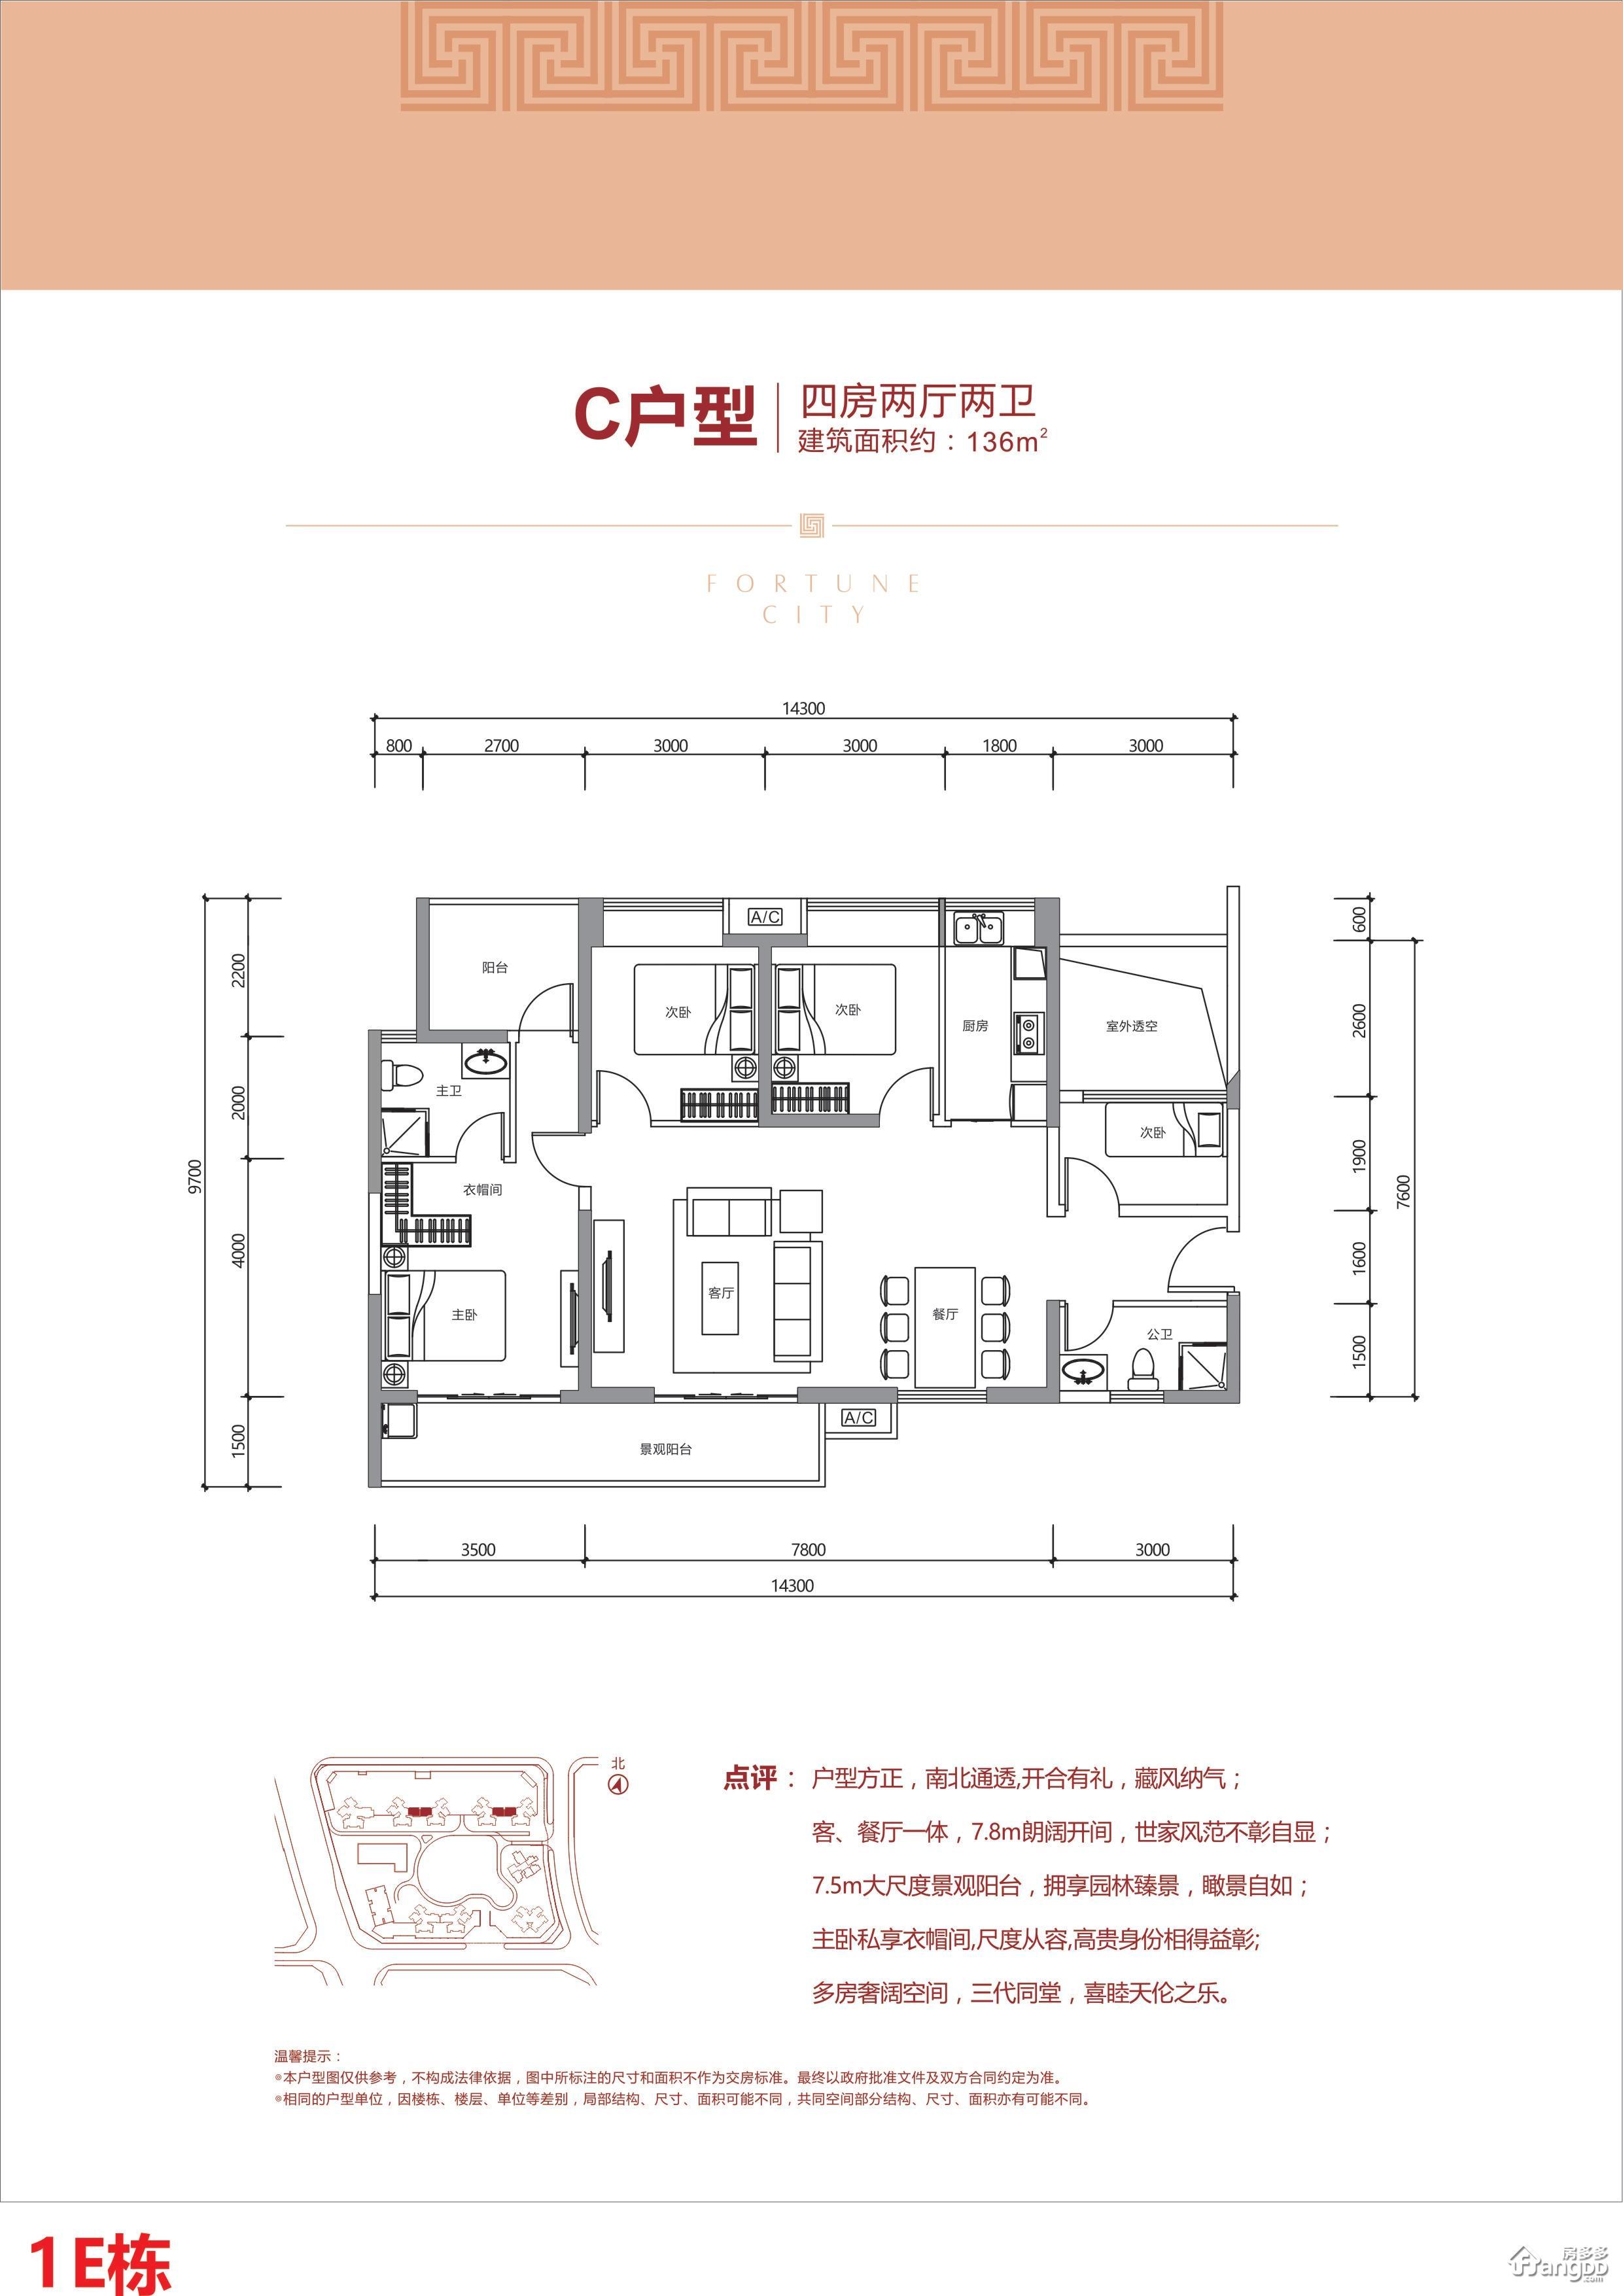 财富城4室2厅2卫户型图